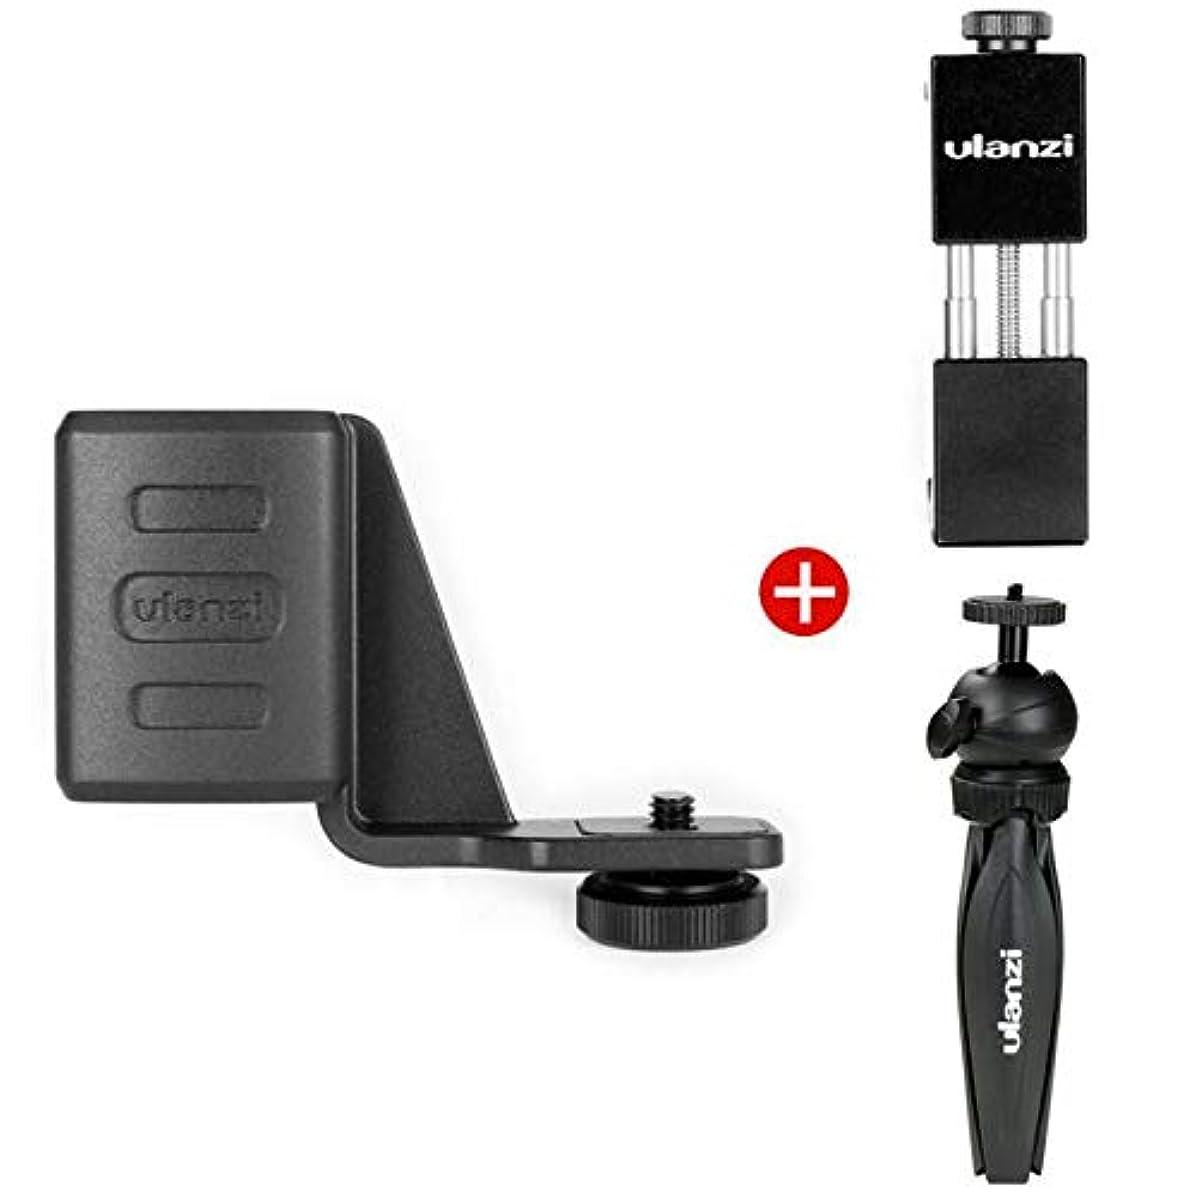 for DJI Gopro Action Camera, Mobile Phone Bracket + Expansion Bracket + Tripod for DJI OSMO Pocket(Black) (Color : Black)